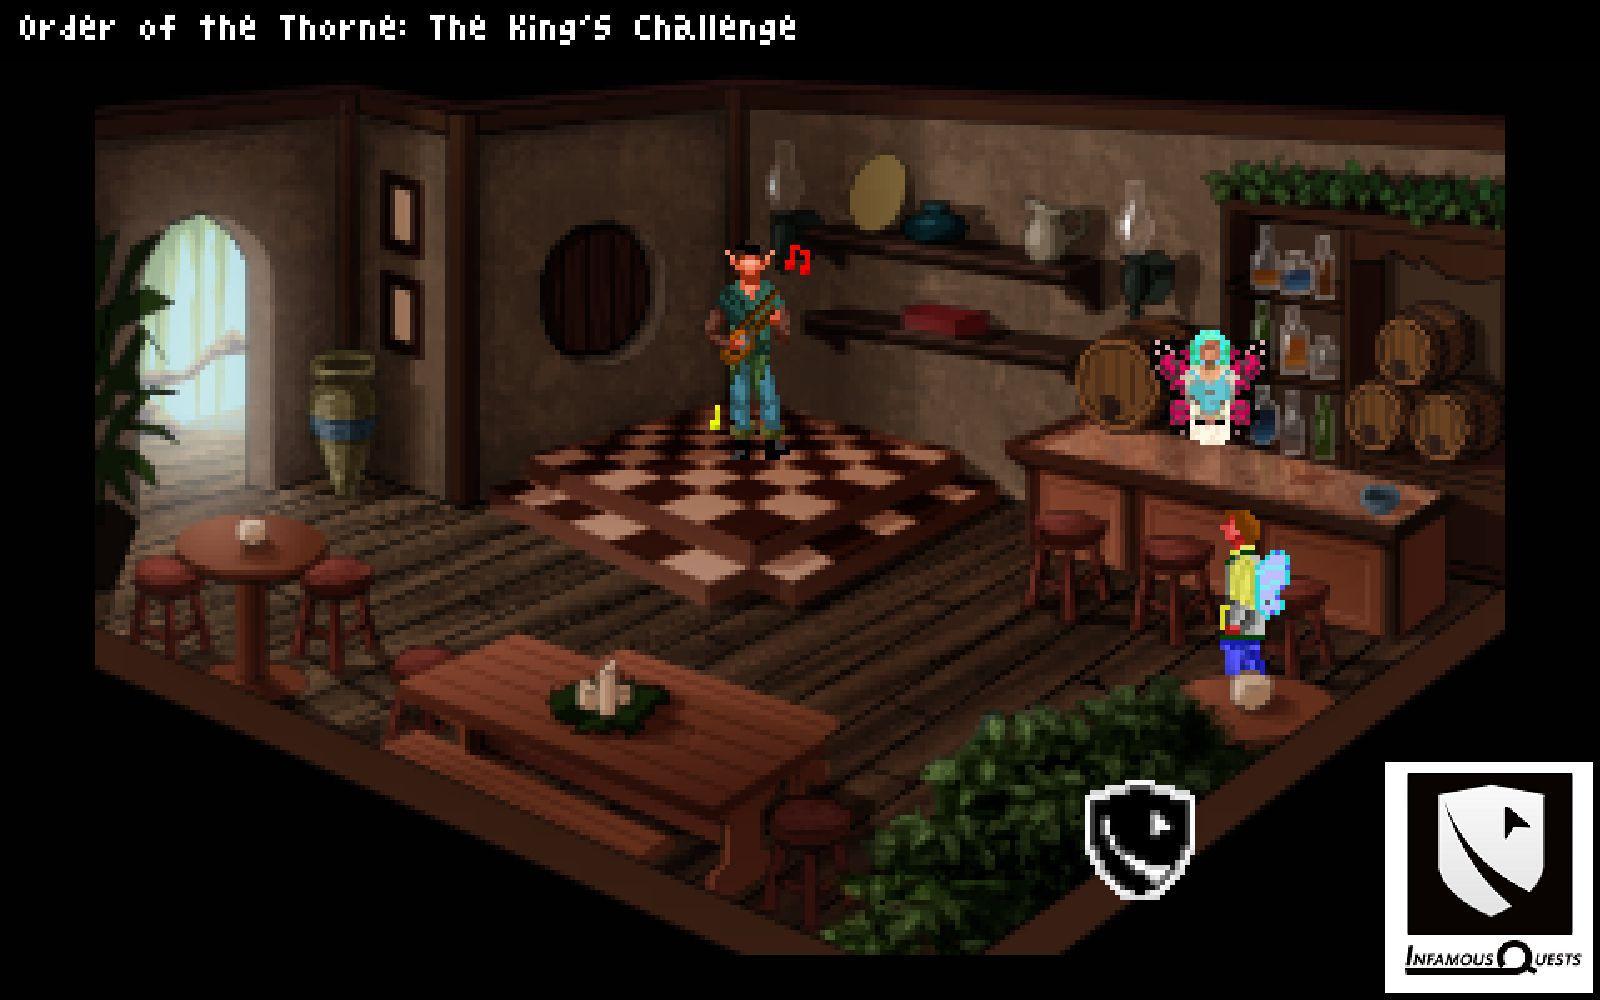 Finn in the inn.jpg